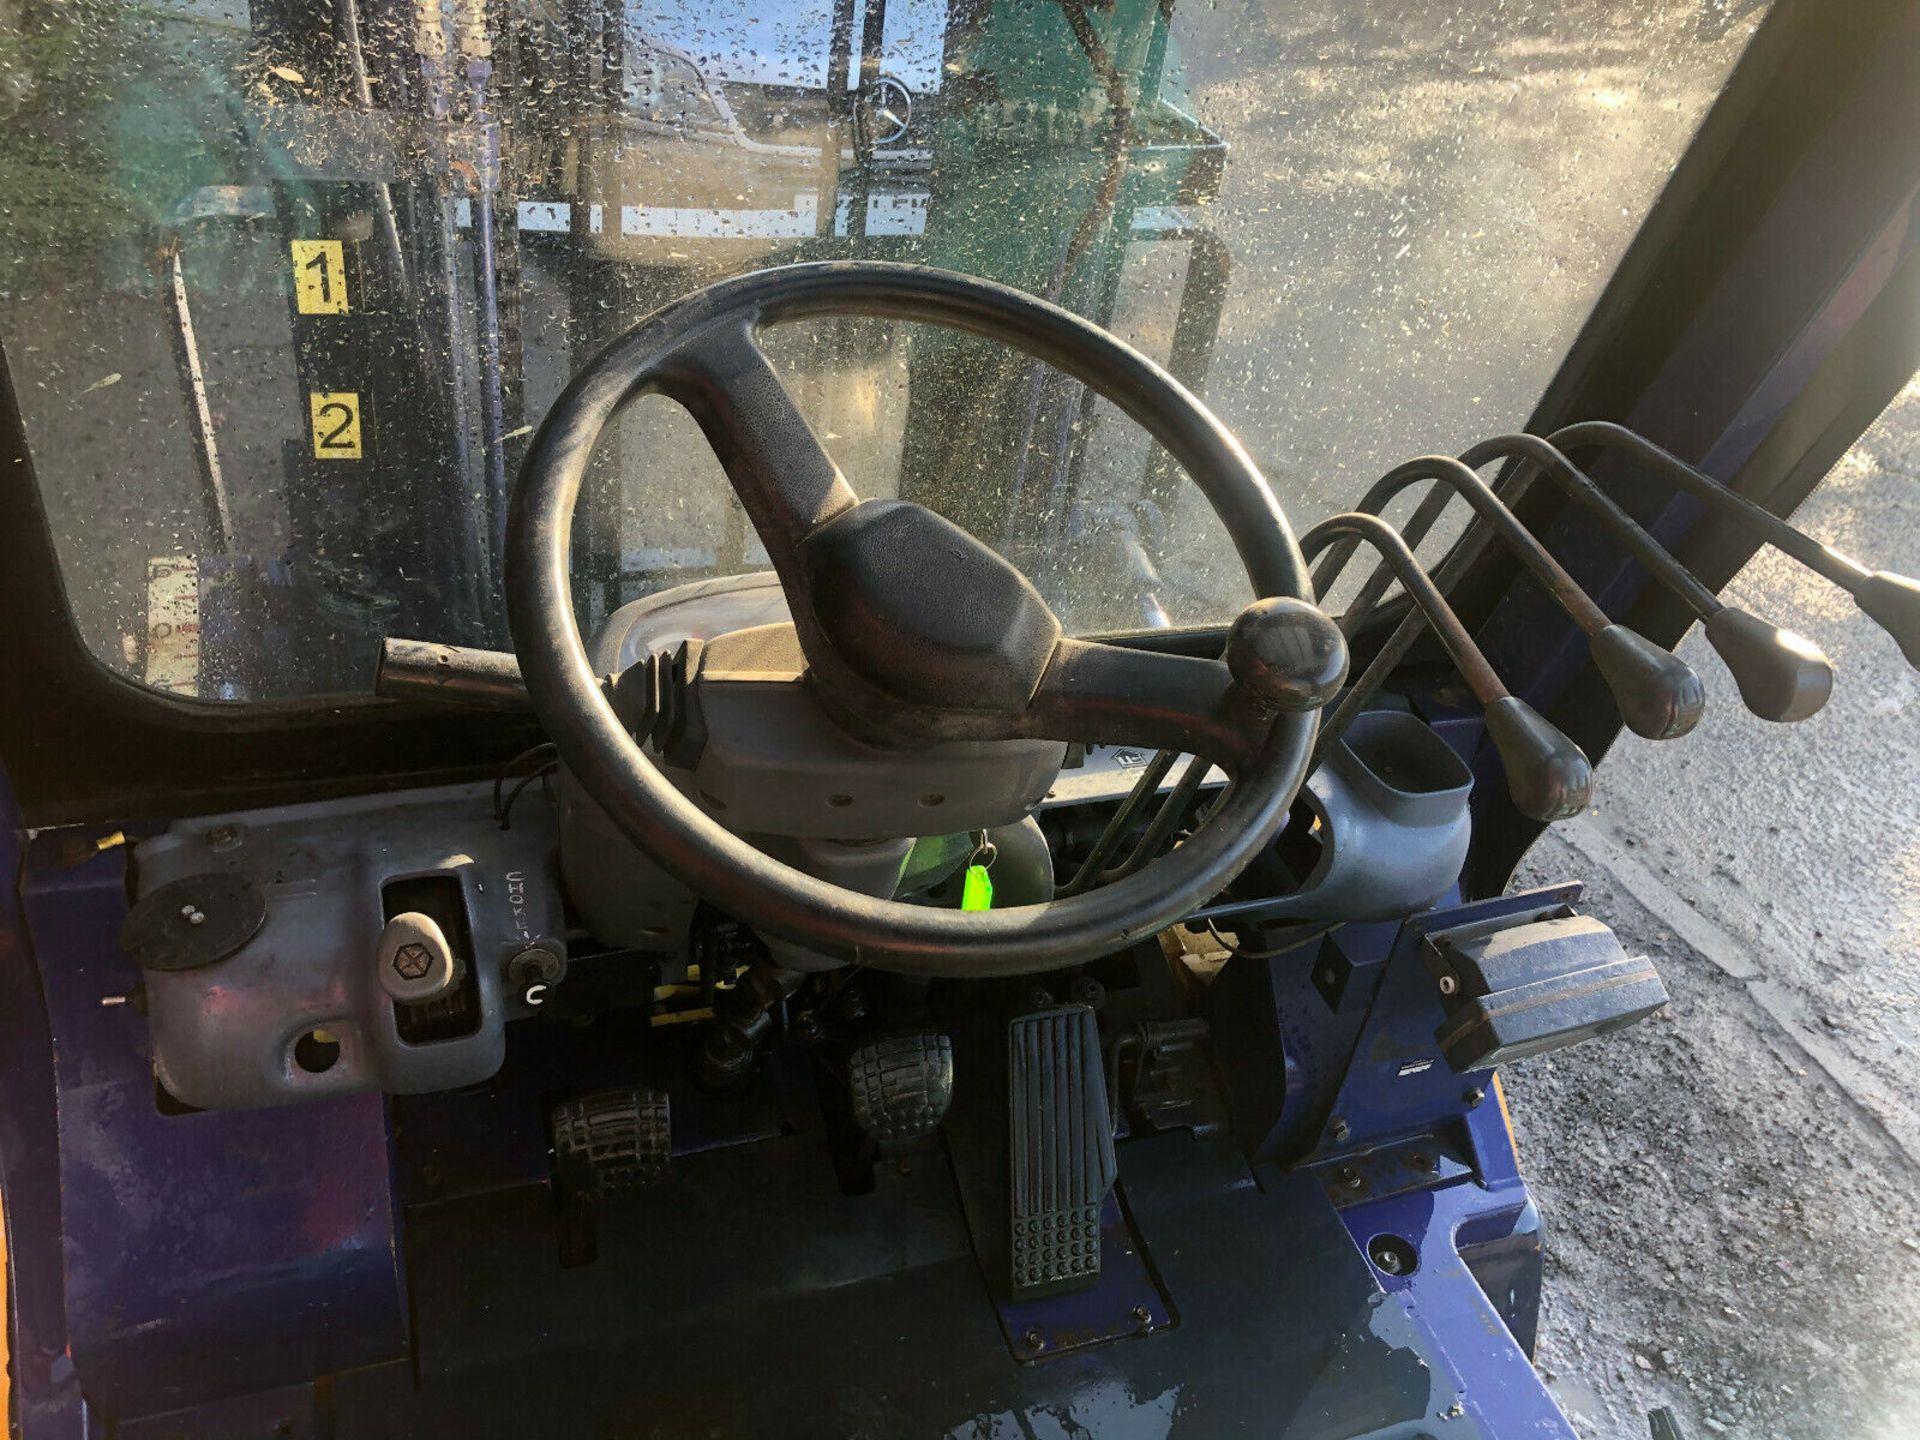 Komatsu FG35 T-7 LPG Forklift - Image 9 of 12